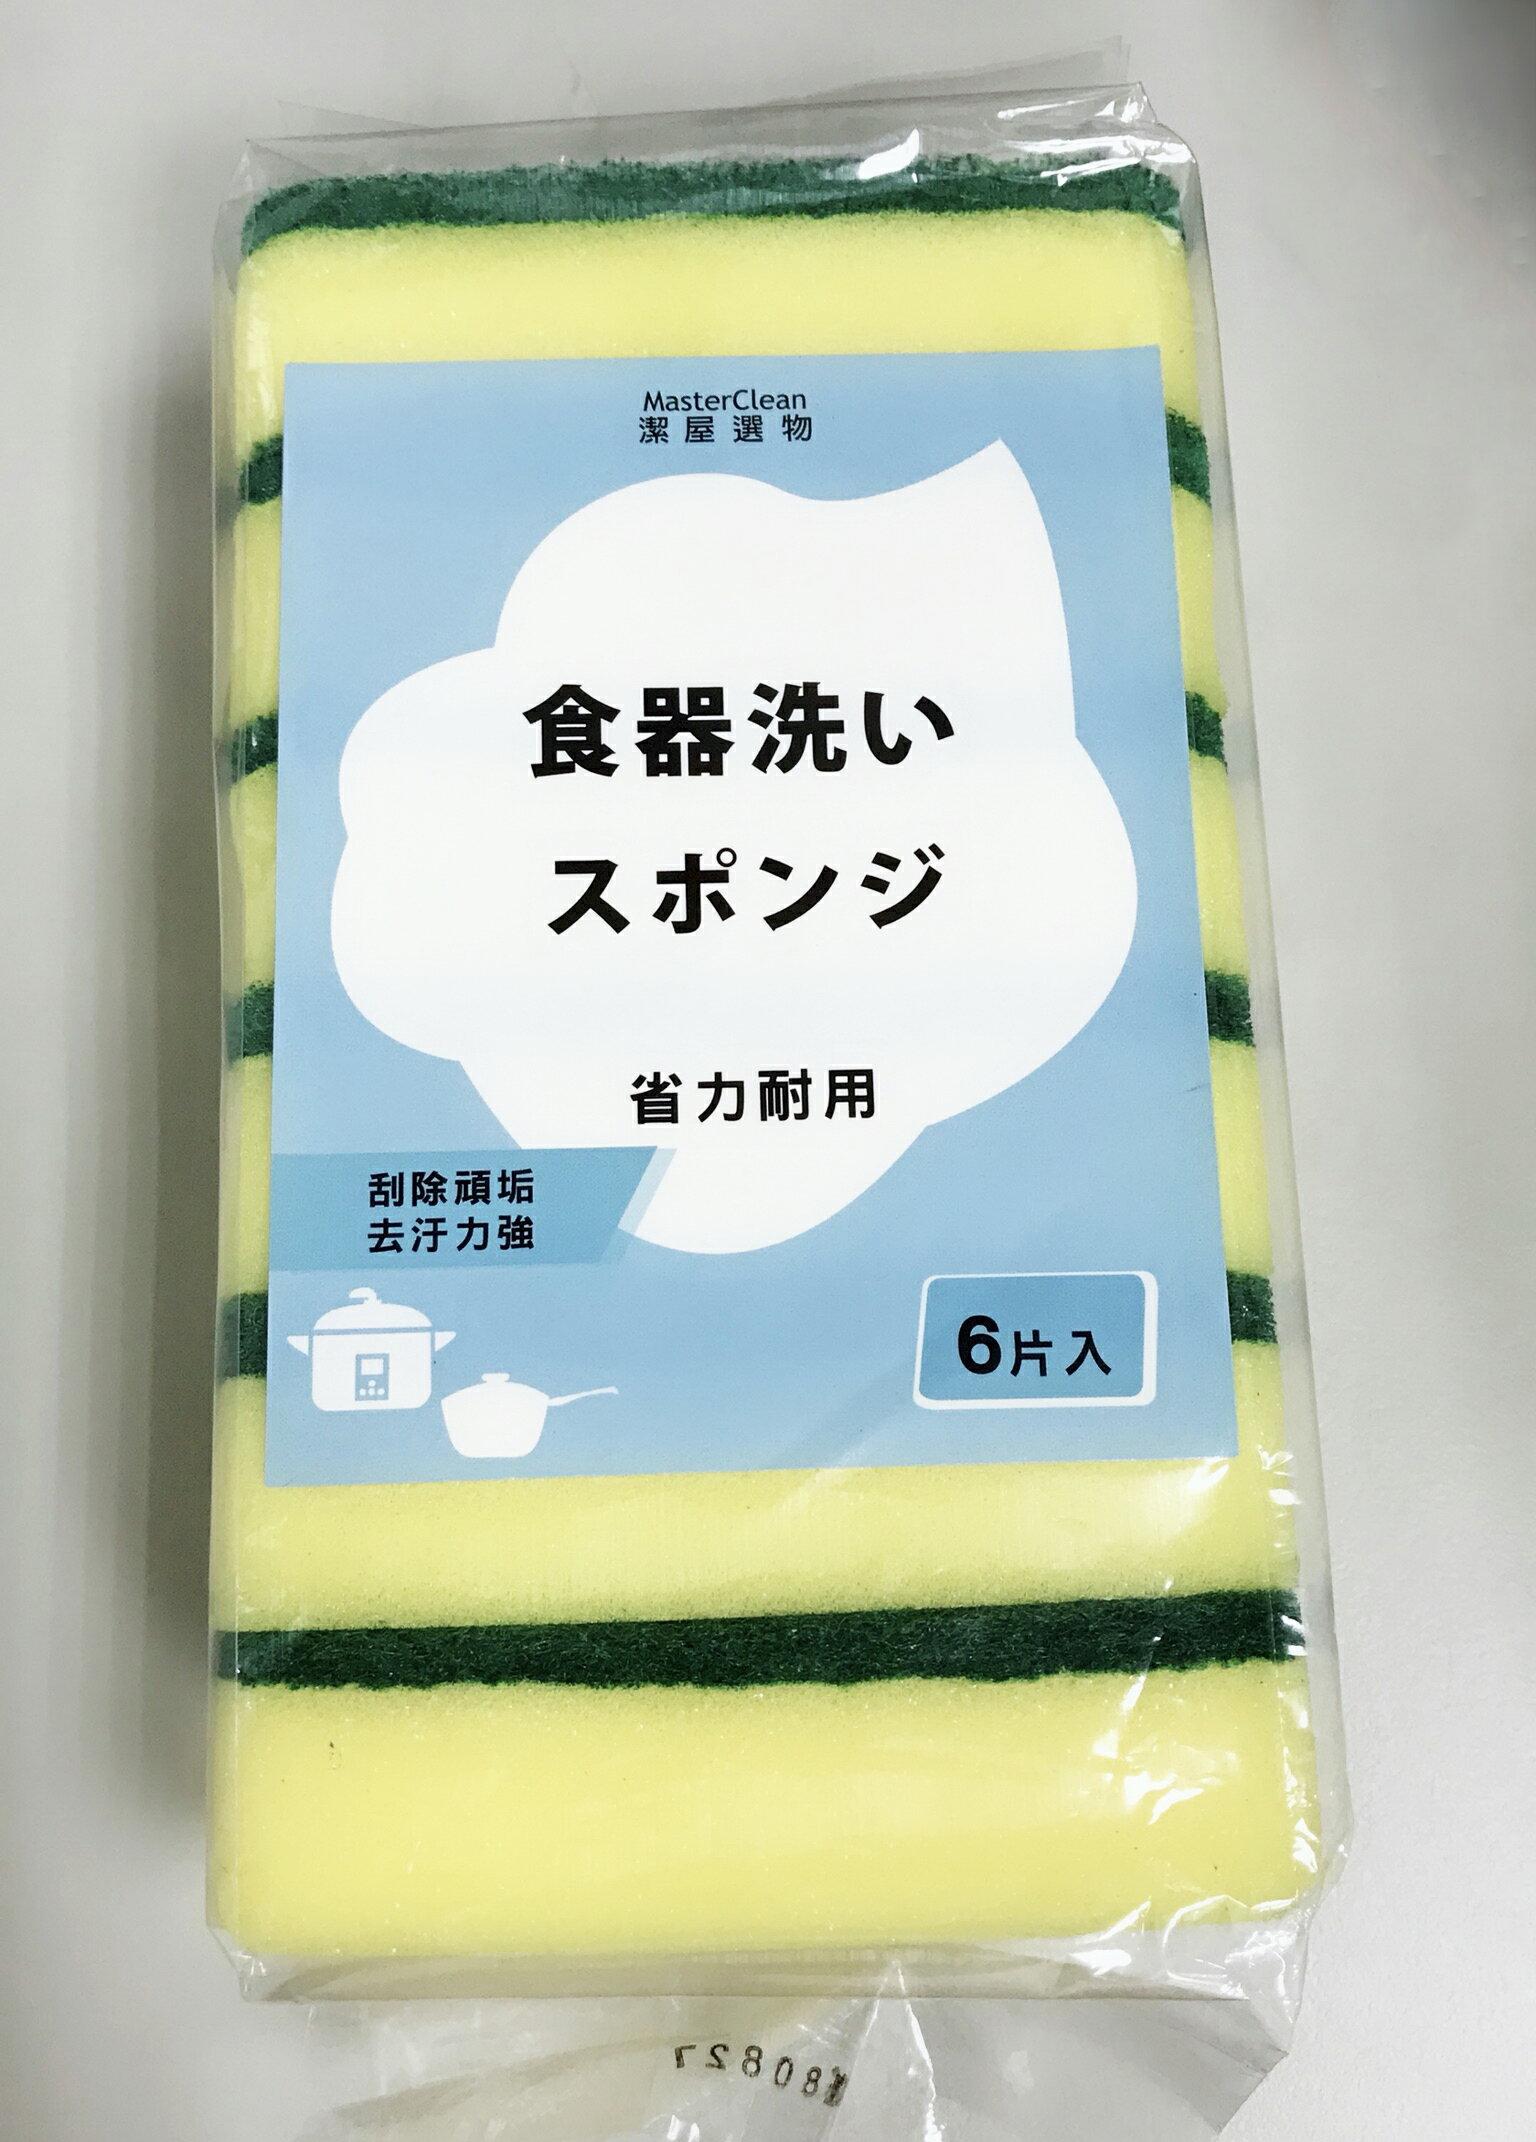 【晨光】 製 潔屋選物MasterClean 多用途海綿菜瓜布 一包6入(450275)【 】